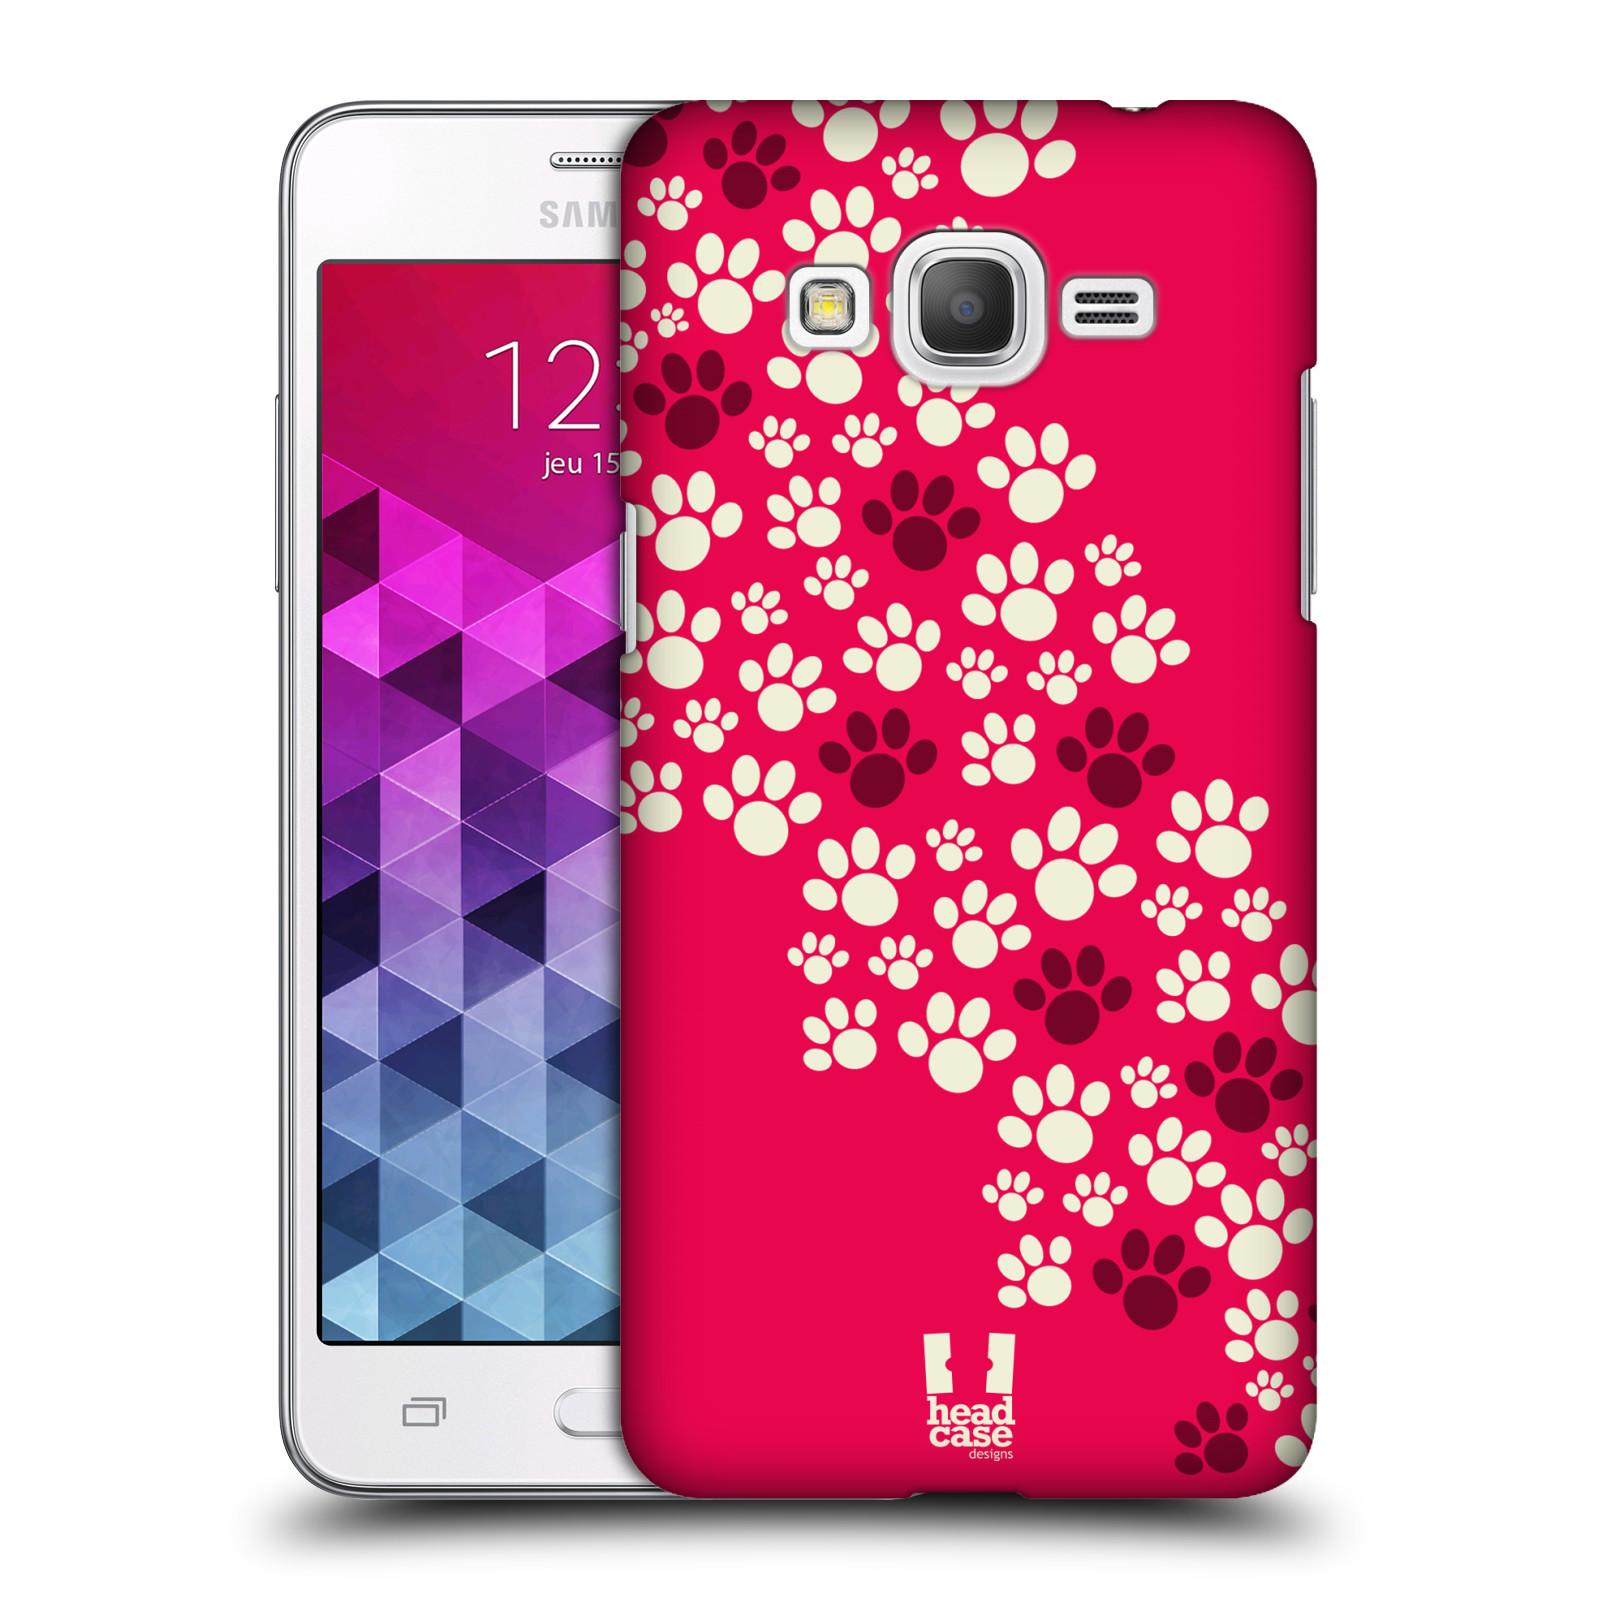 Plastové pouzdro na mobil Samsung Galaxy Grand Prime HEAD CASE TLAPKY RŮŽOVÉ (Kryt či obal na mobilní telefon Samsung Galaxy Grand Prime SM-G530)